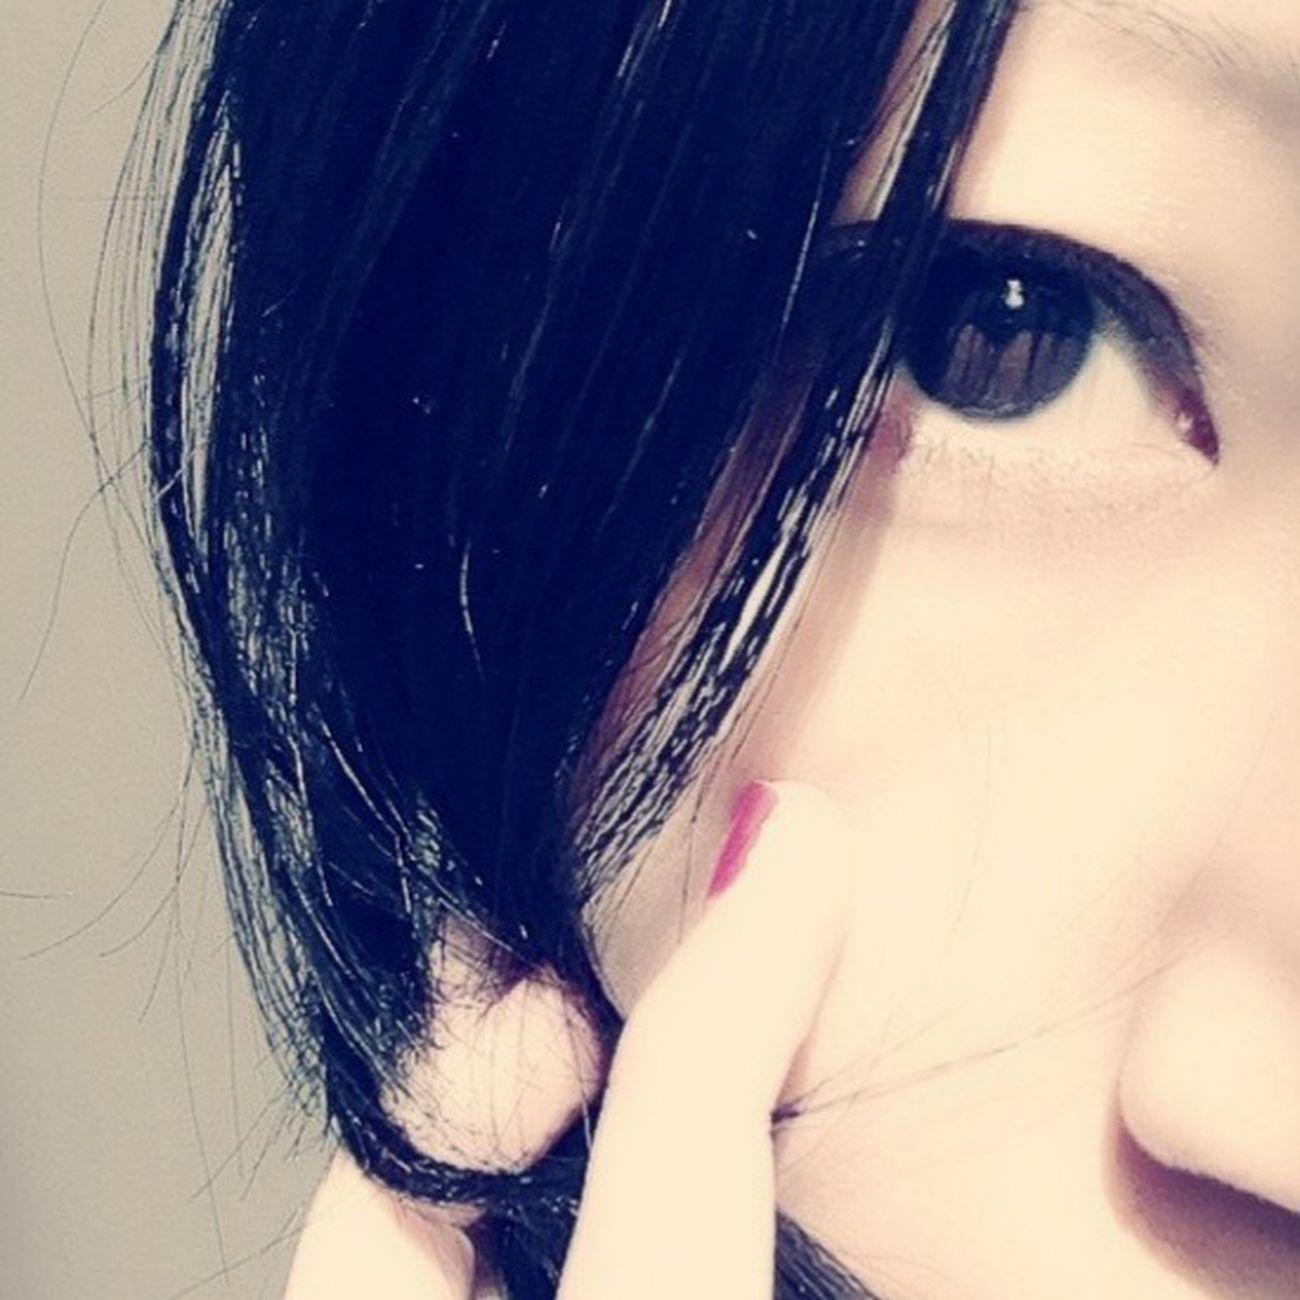 青や緑の瞳憧れるけど真っ黒も好き BlackEye Eye Myeyes Fingers Fuckyeah Japanese